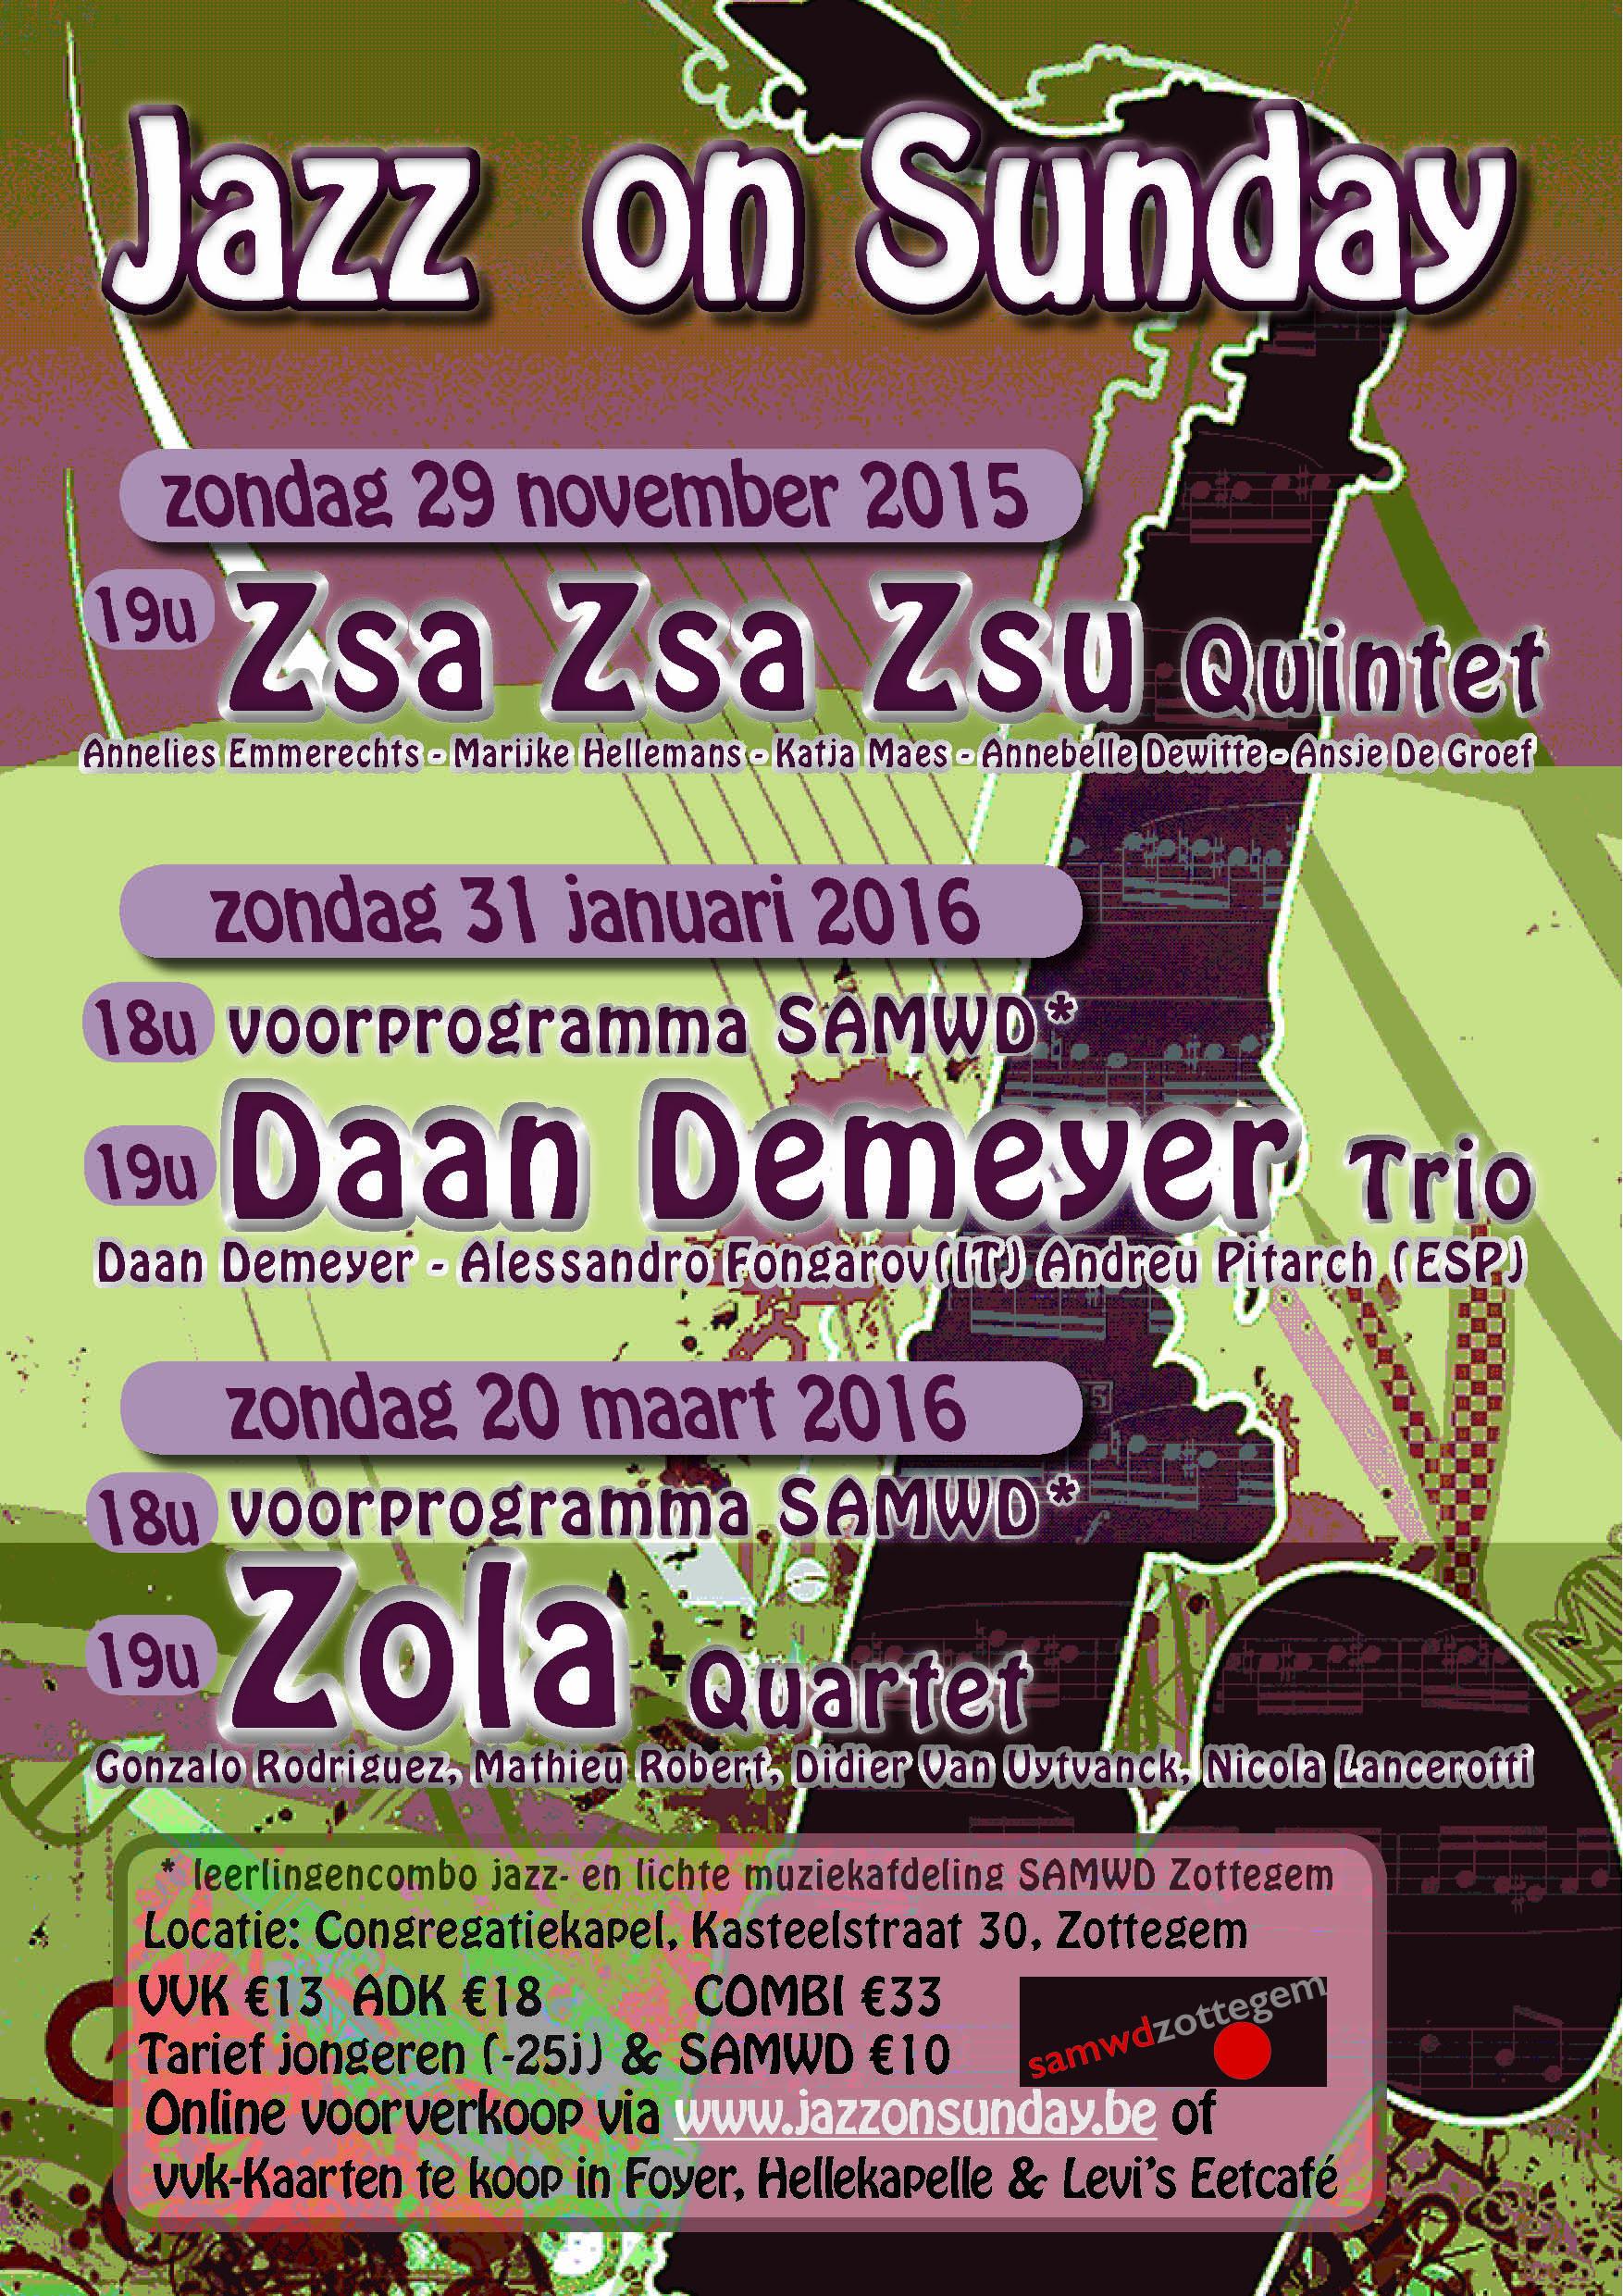 jazz on sunday 2015_2016A3